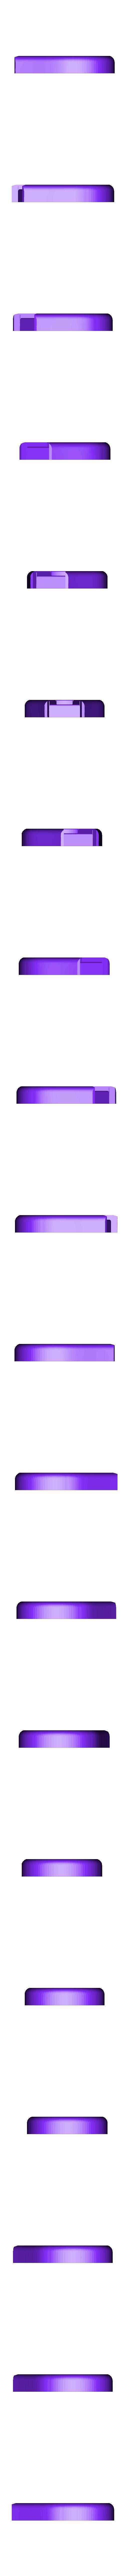 galaxy_plasma_body.stl Télécharger fichier STL gratuit Galaxy Quest Communicator • Plan pour imprimante 3D, poblocki1982